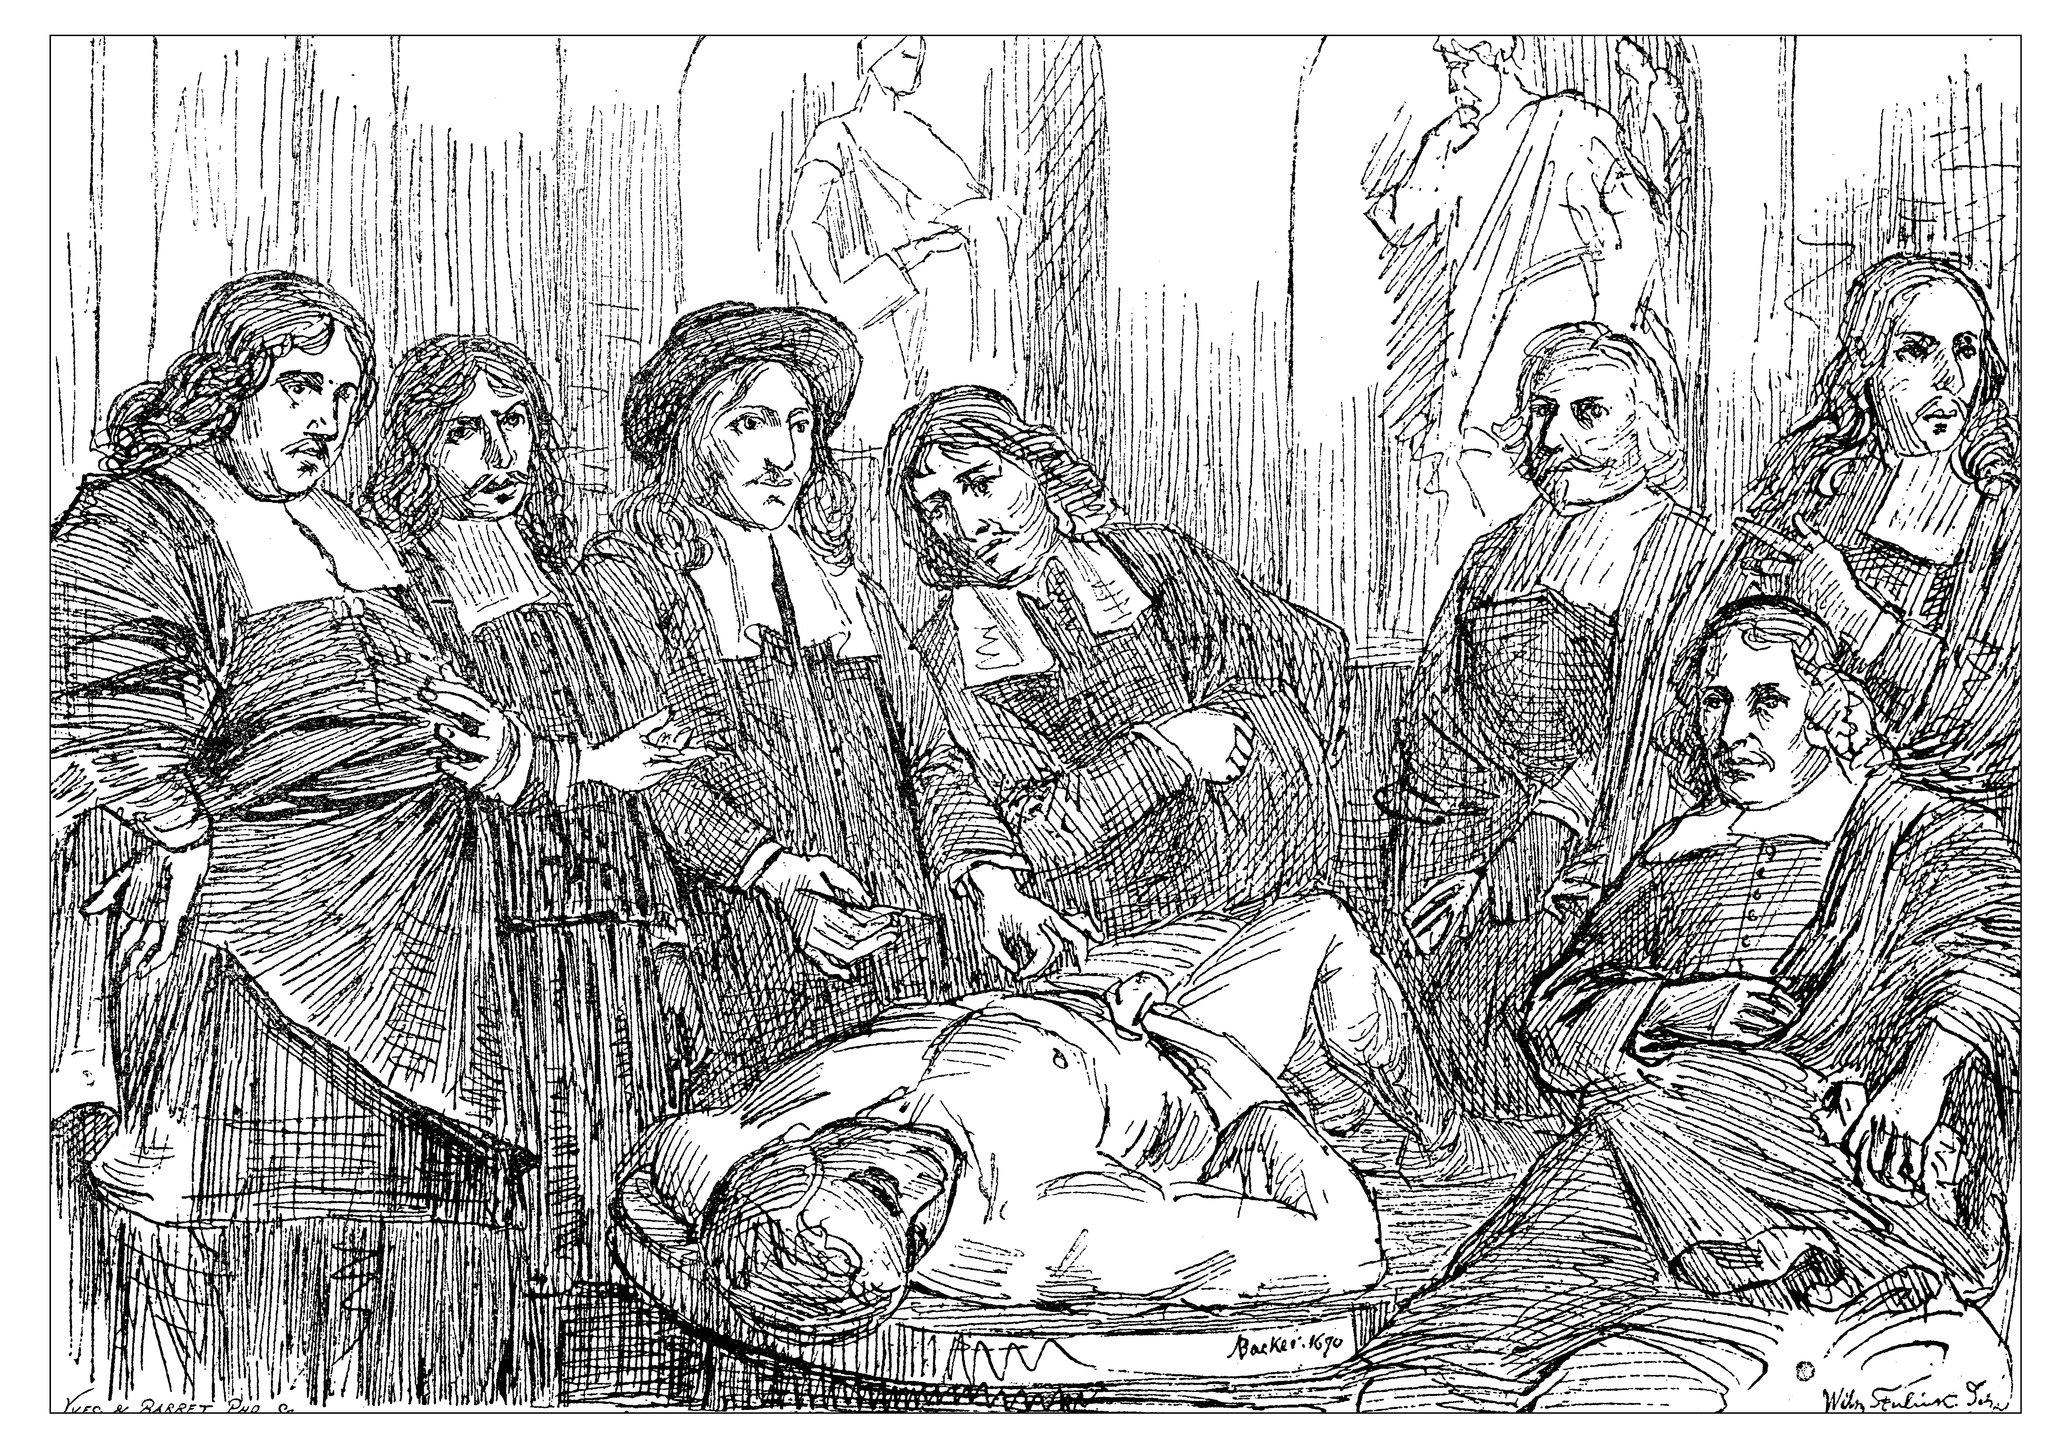 """Dibujo de Steenlink es una reproducción del cuadro del pintor holandés del siglo XVII Adriaen Backer llamada: """"Lección de Anatomía del Dr. Frederik Ruysch""""."""